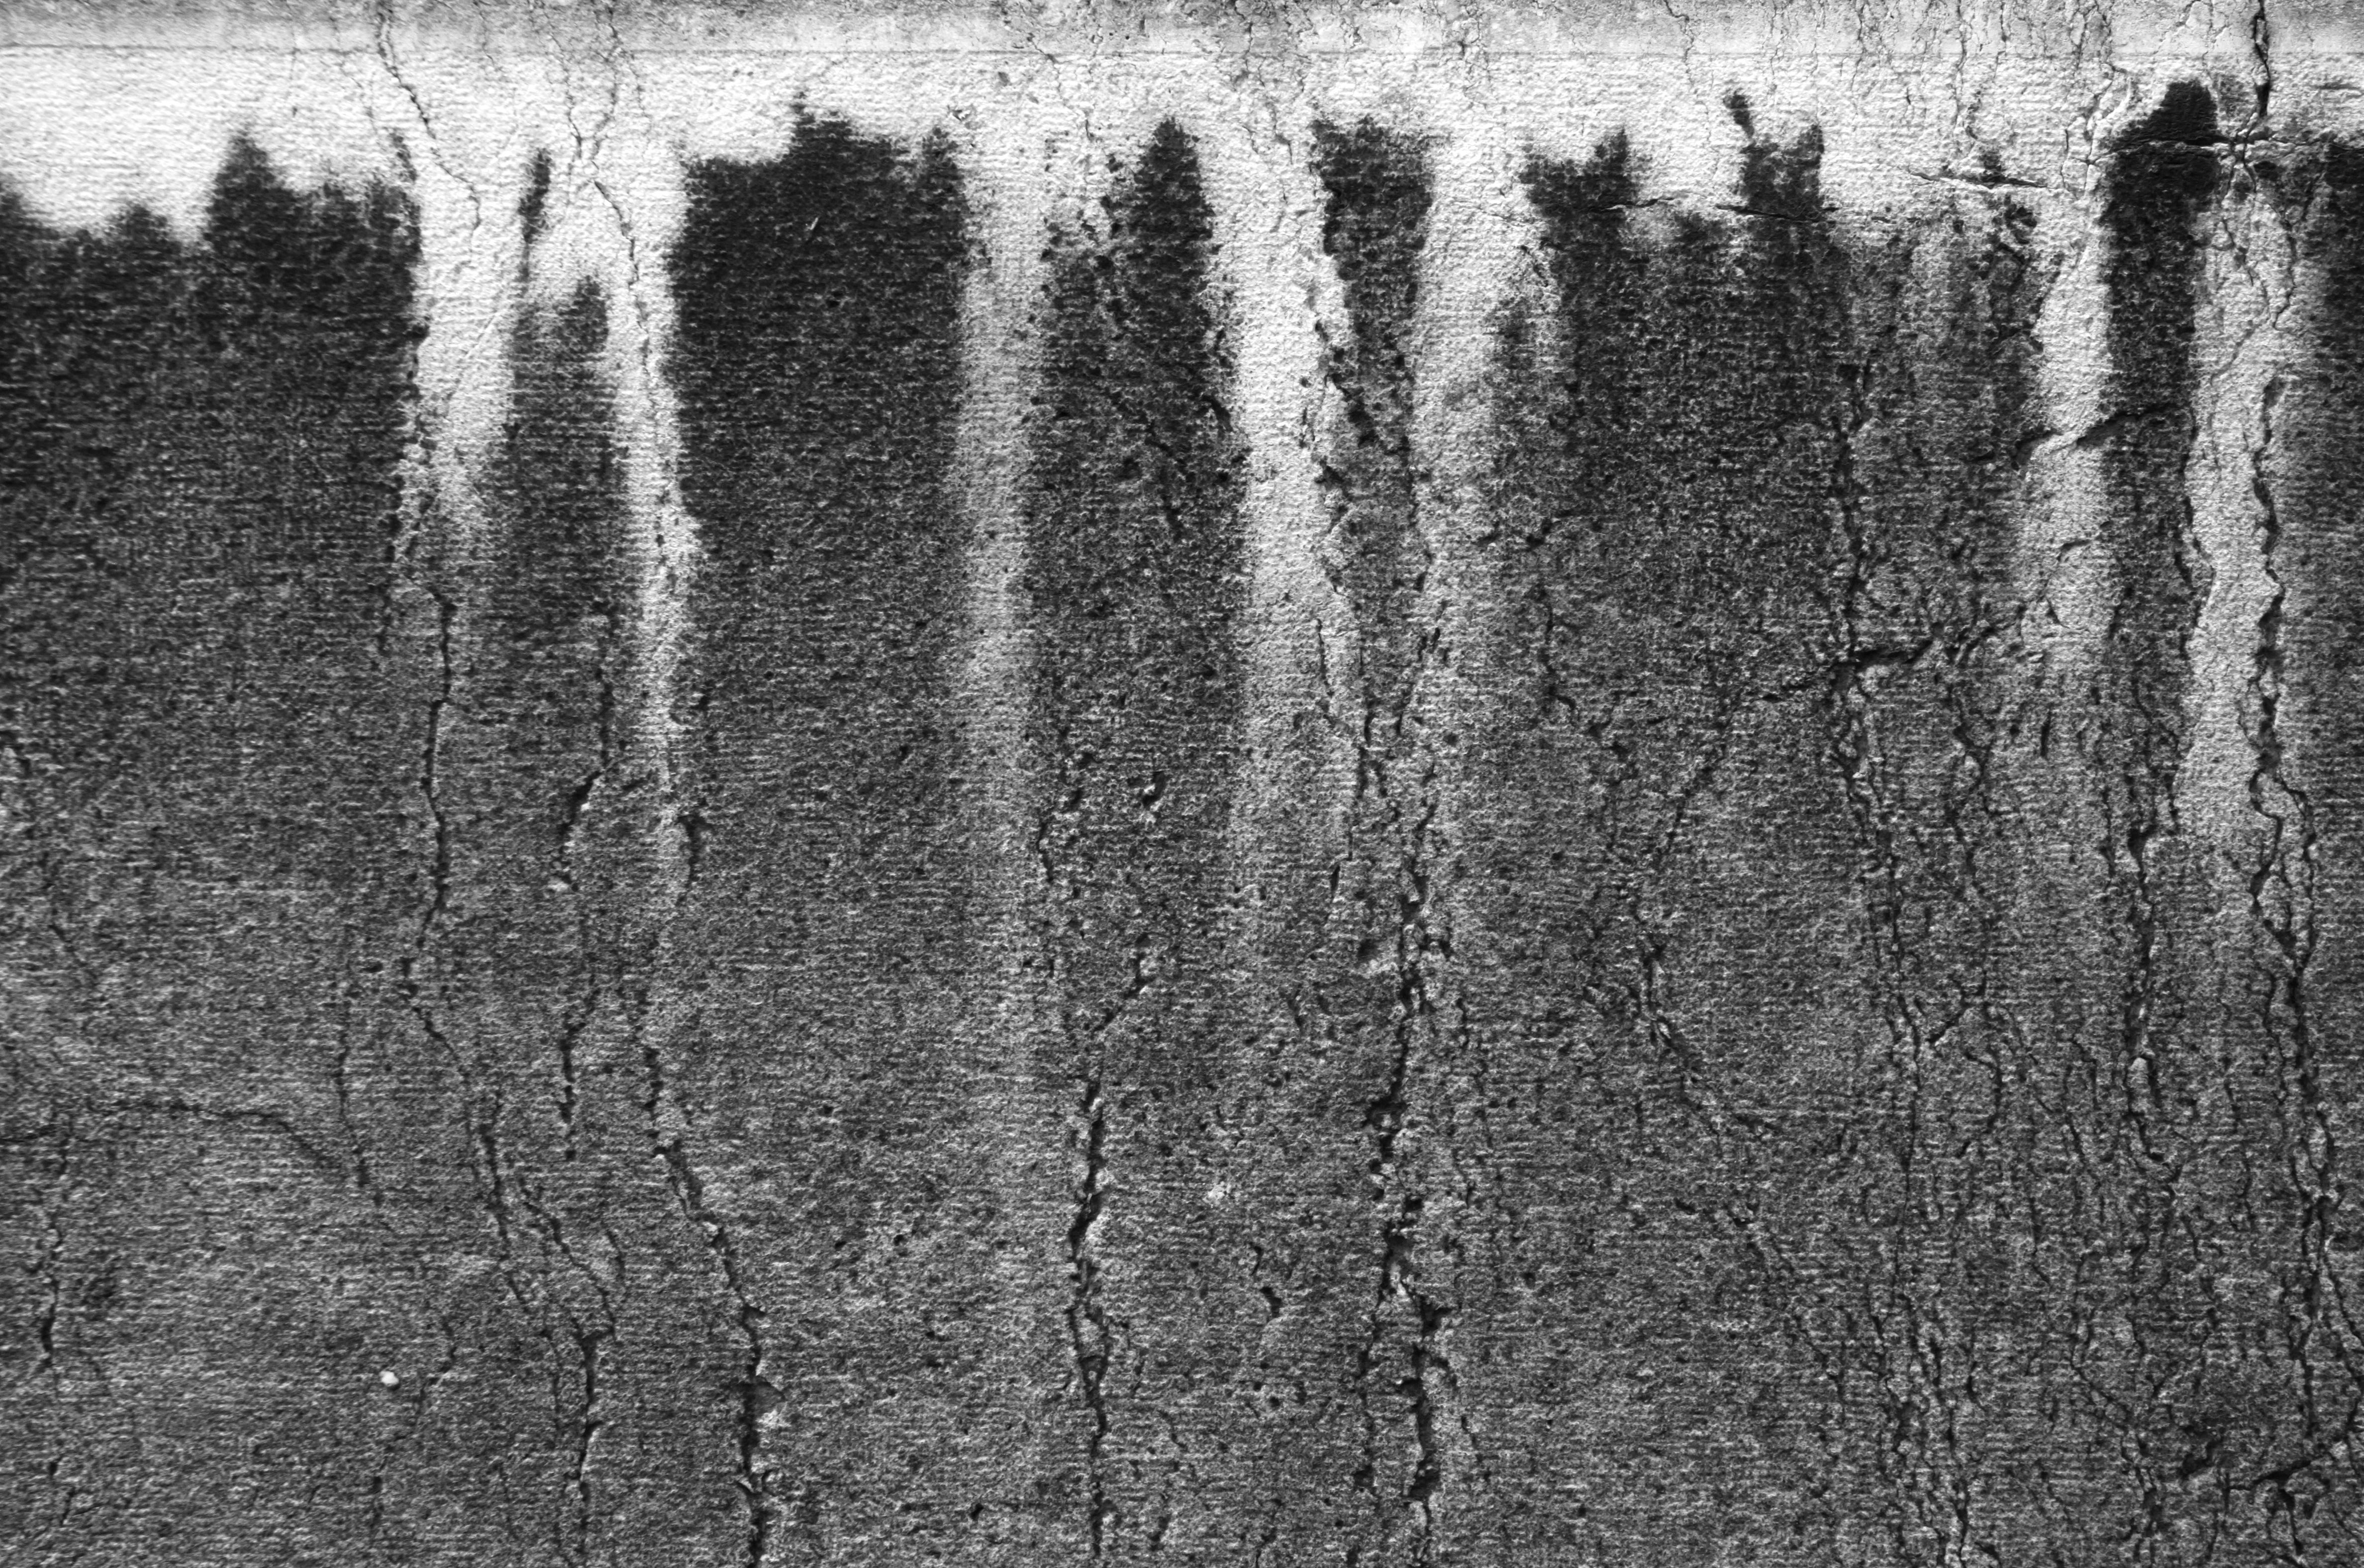 taches de pollution sur un mur, effet de coulures blanches